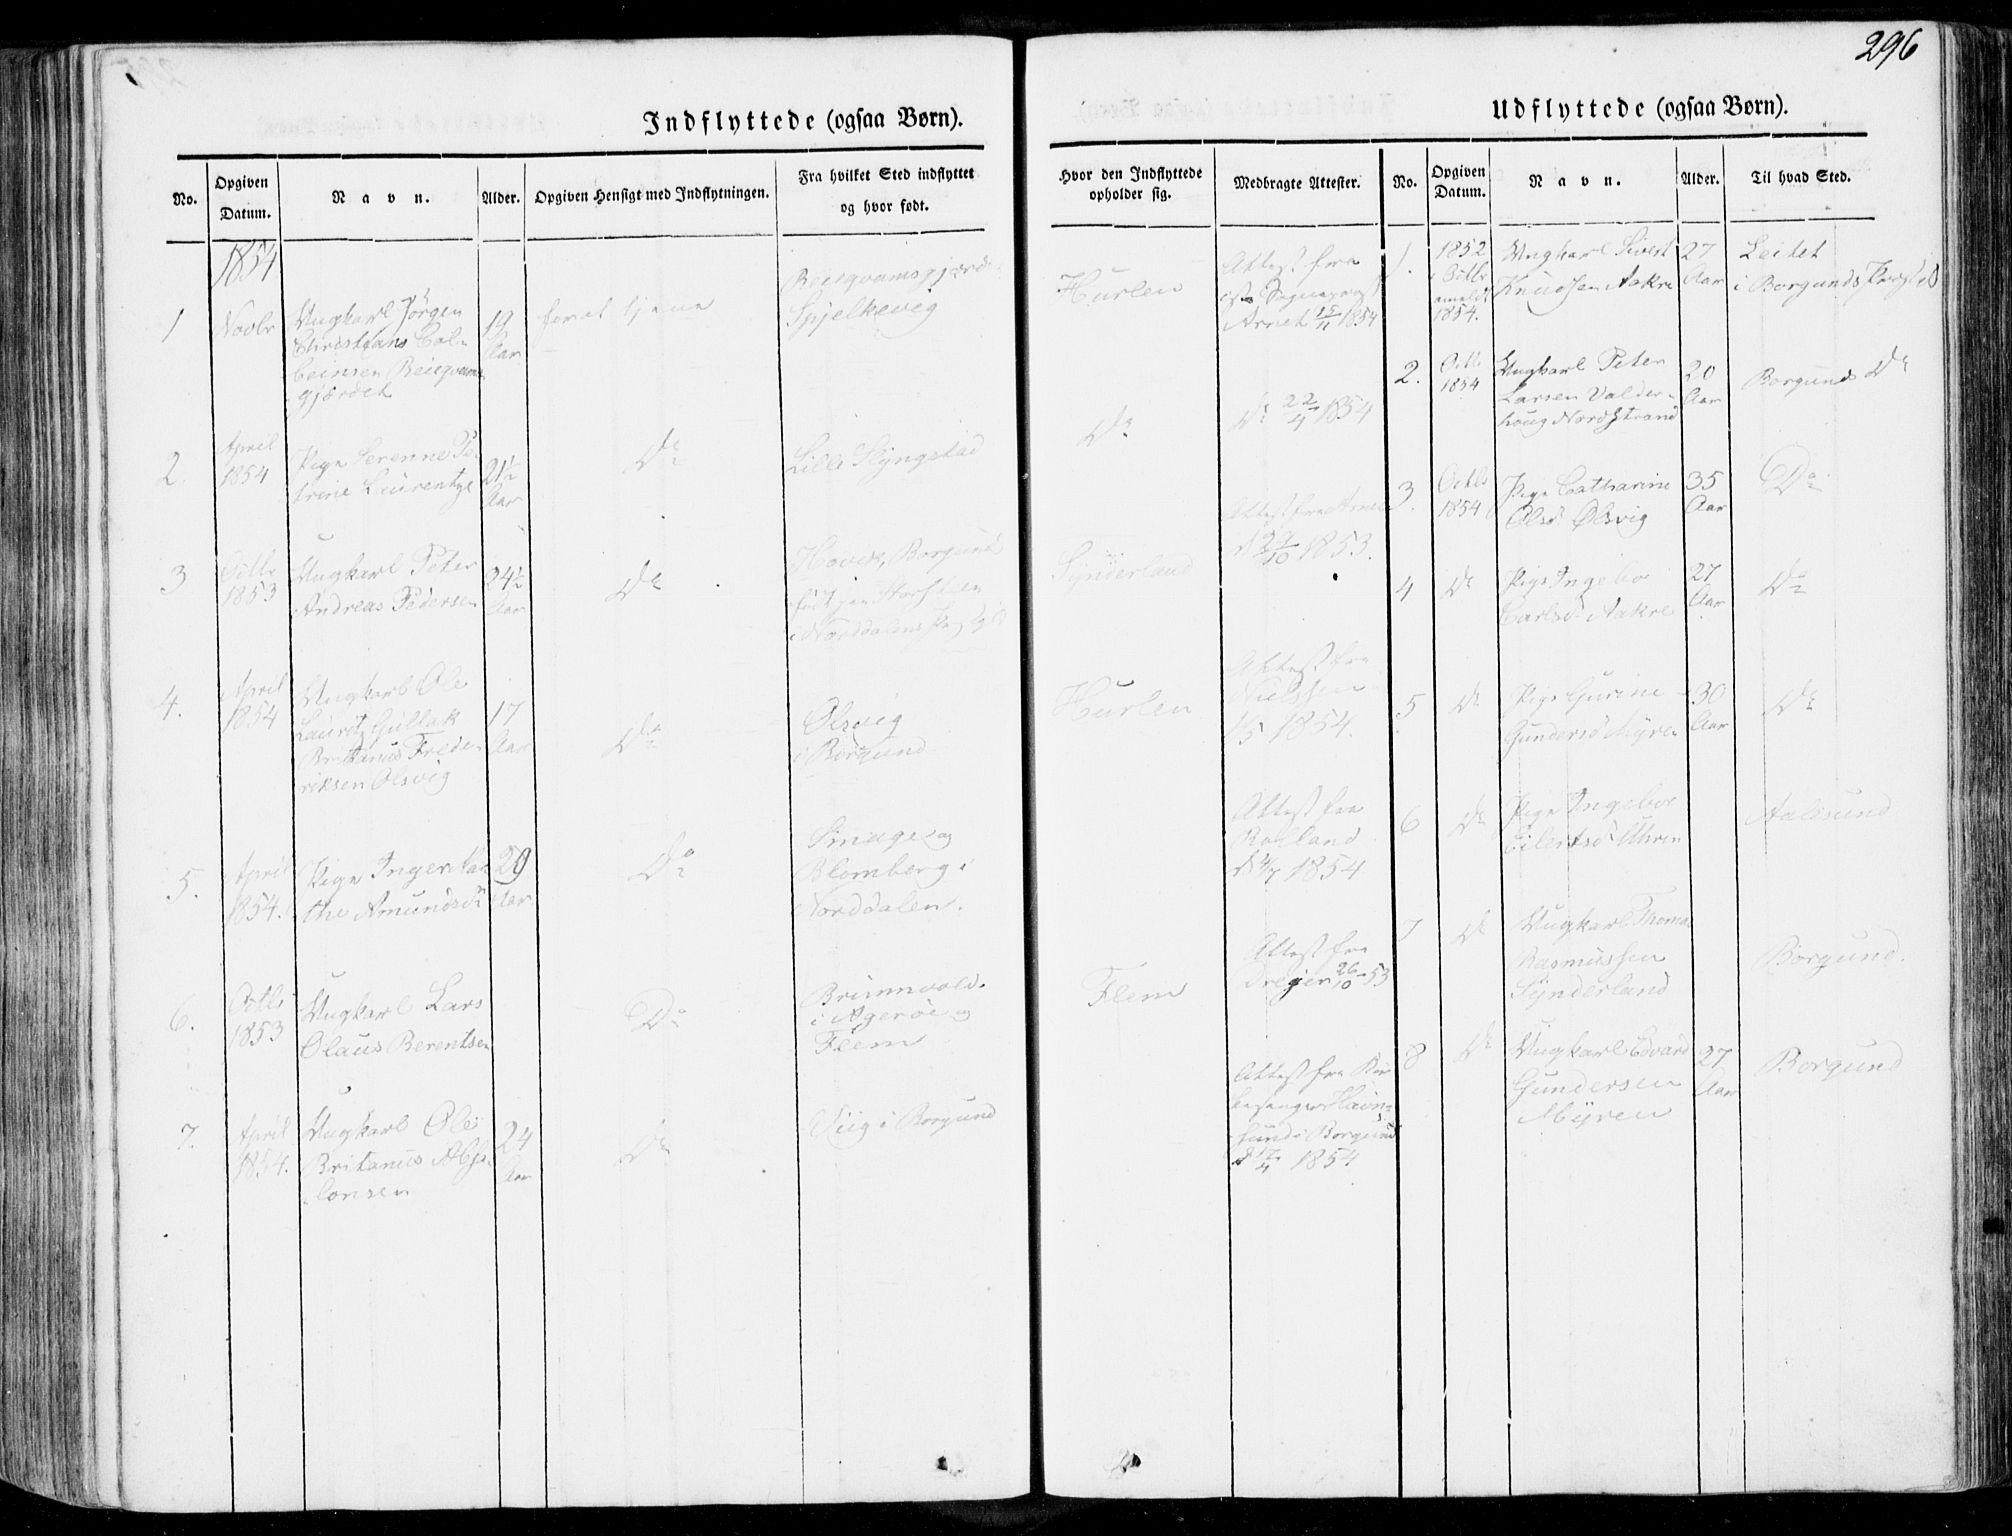 SAT, Ministerialprotokoller, klokkerbøker og fødselsregistre - Møre og Romsdal, 536/L0497: Ministerialbok nr. 536A06, 1845-1865, s. 296